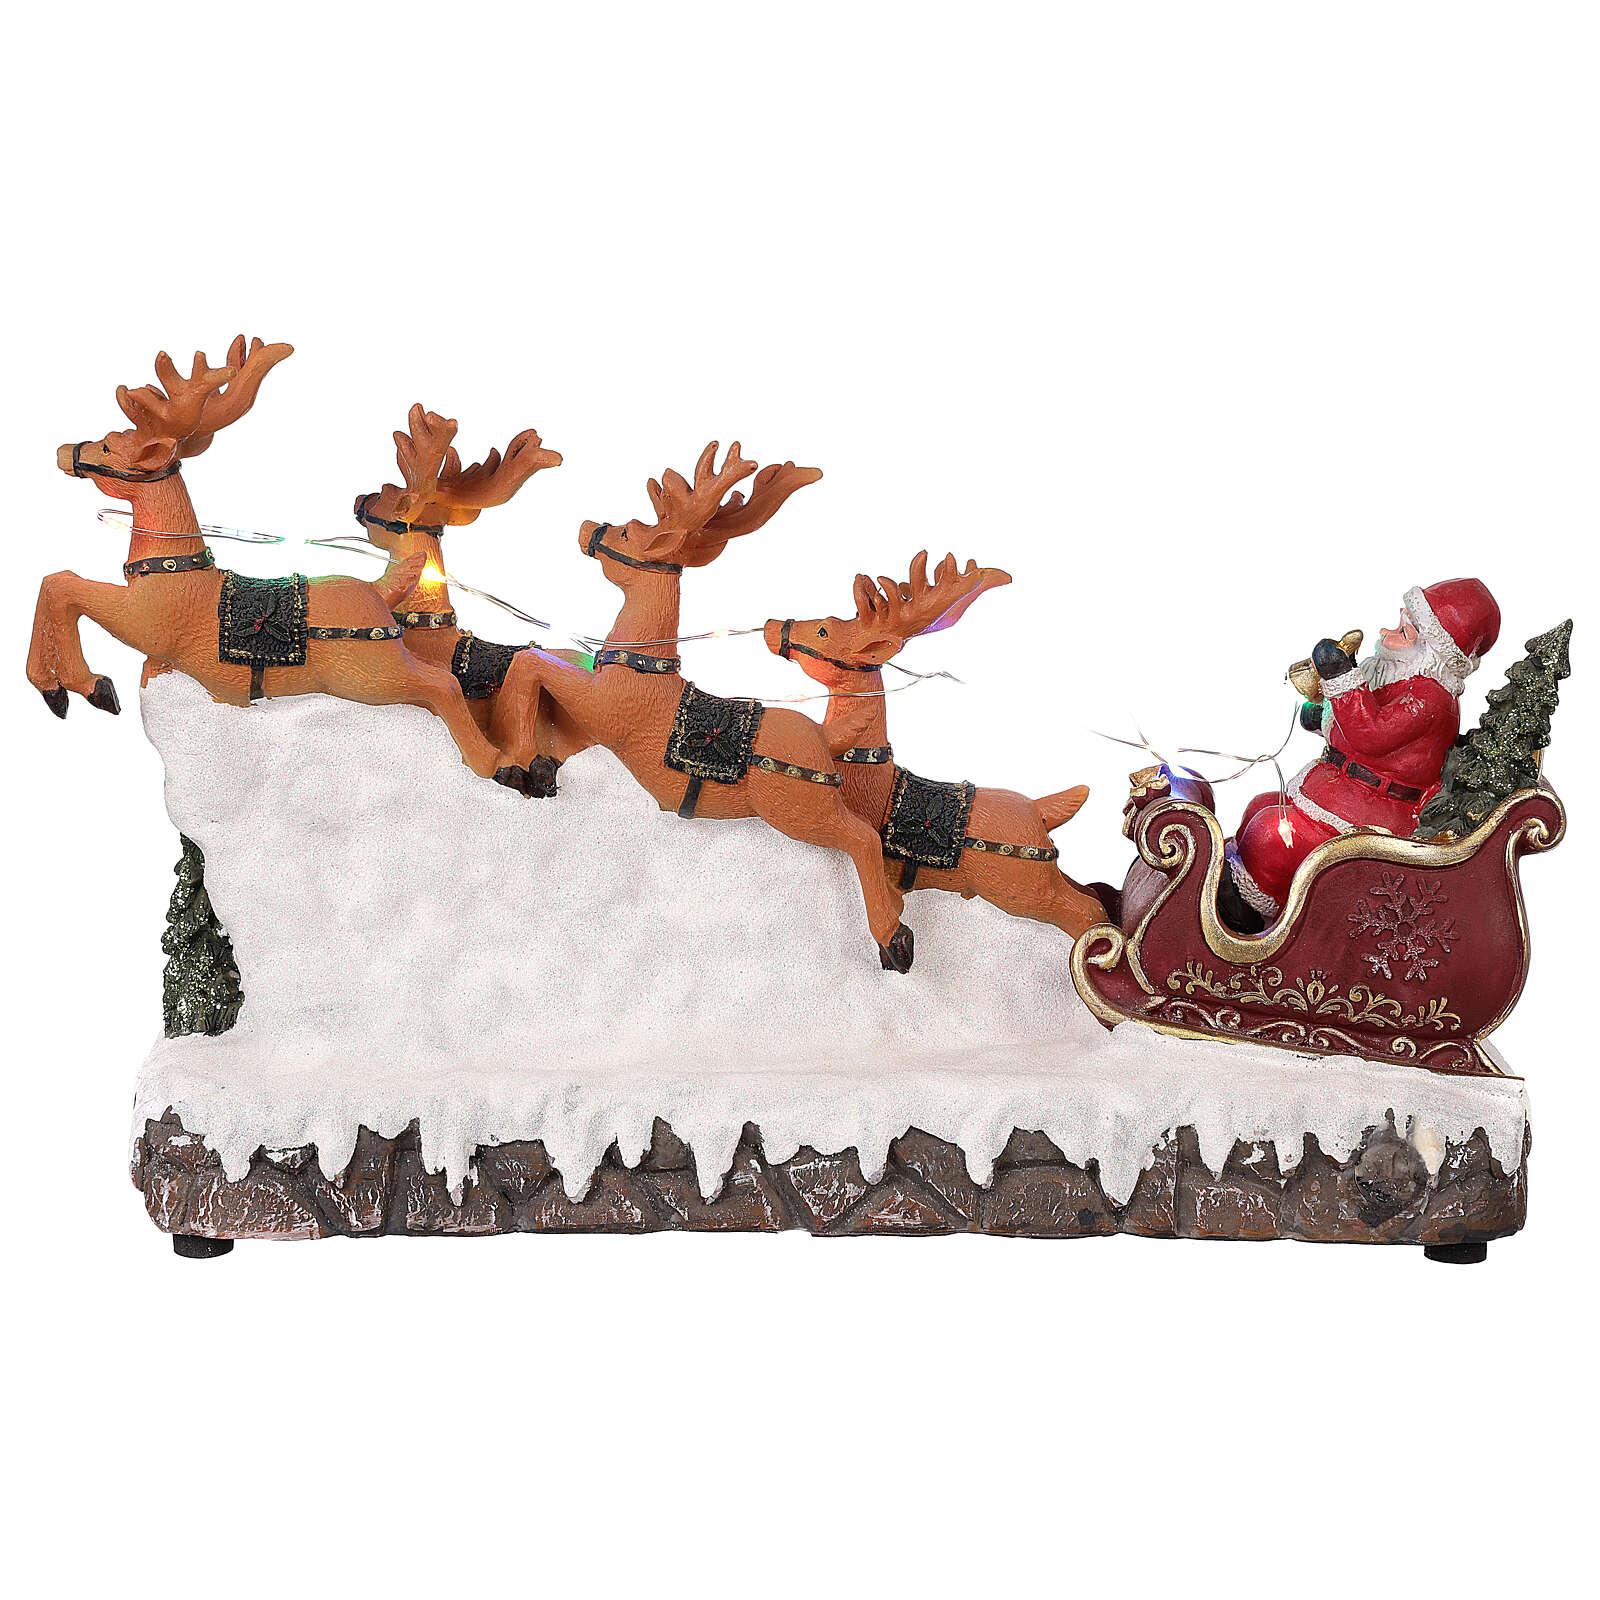 Village De Noël Traîneau De Père Noël Rennes Lumières Musique 25X40X10 Cm serapportantà Musique Du Père Noël